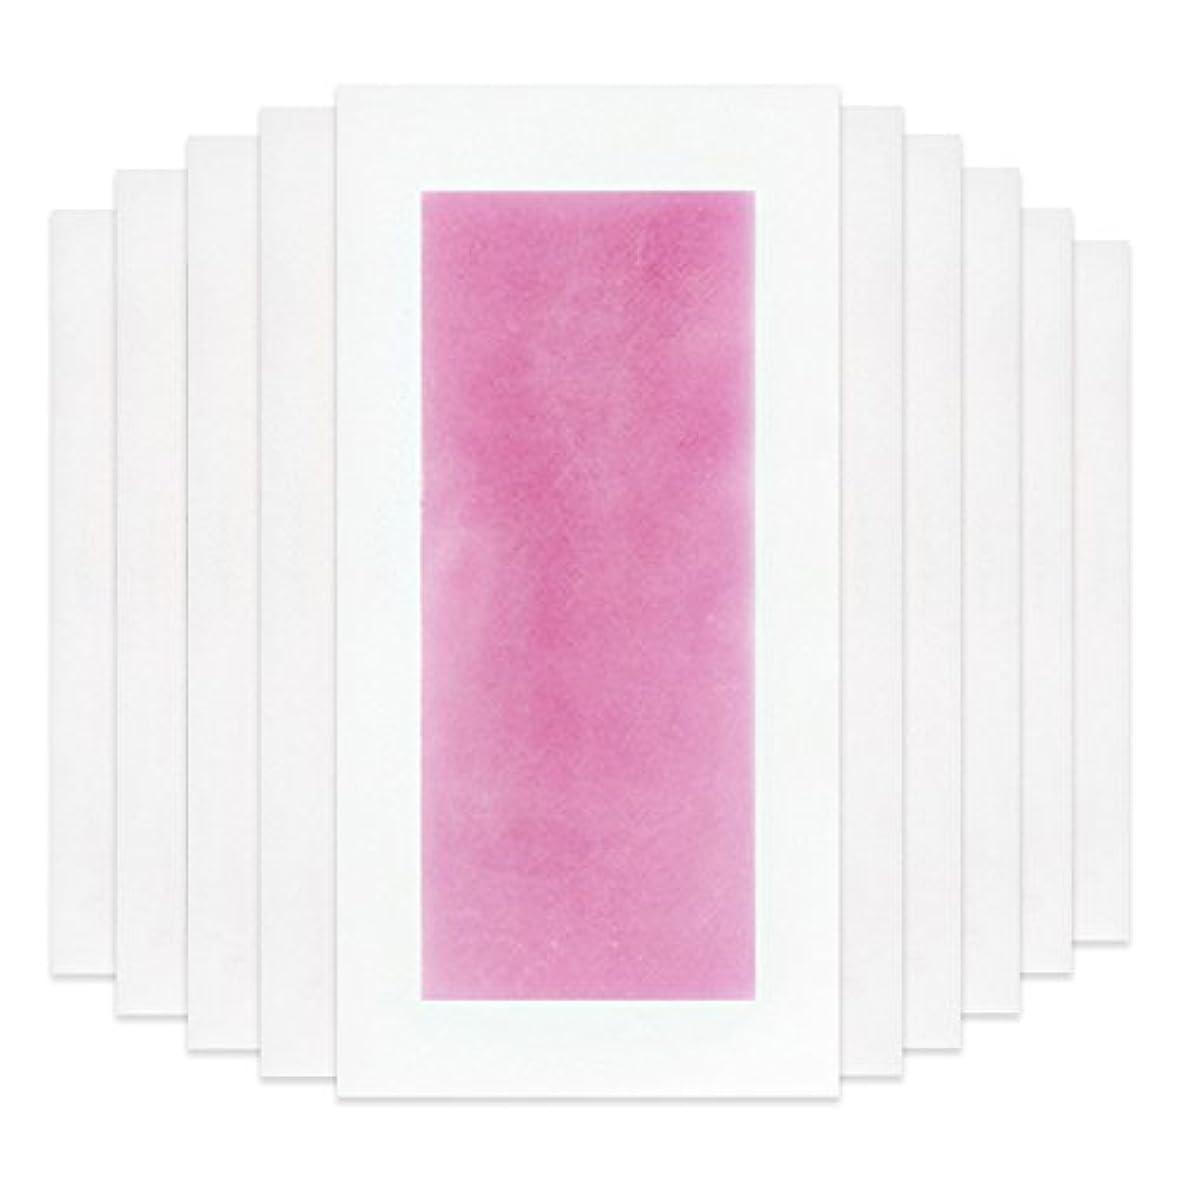 却下する不正ニュージーランドRaiFu 脱毛 コールド ワックス ストリップ 紙 脱毛紙 プロフェッショナル 夏の脱毛 ダブル サイド ボディ除毛 10個 ピンク